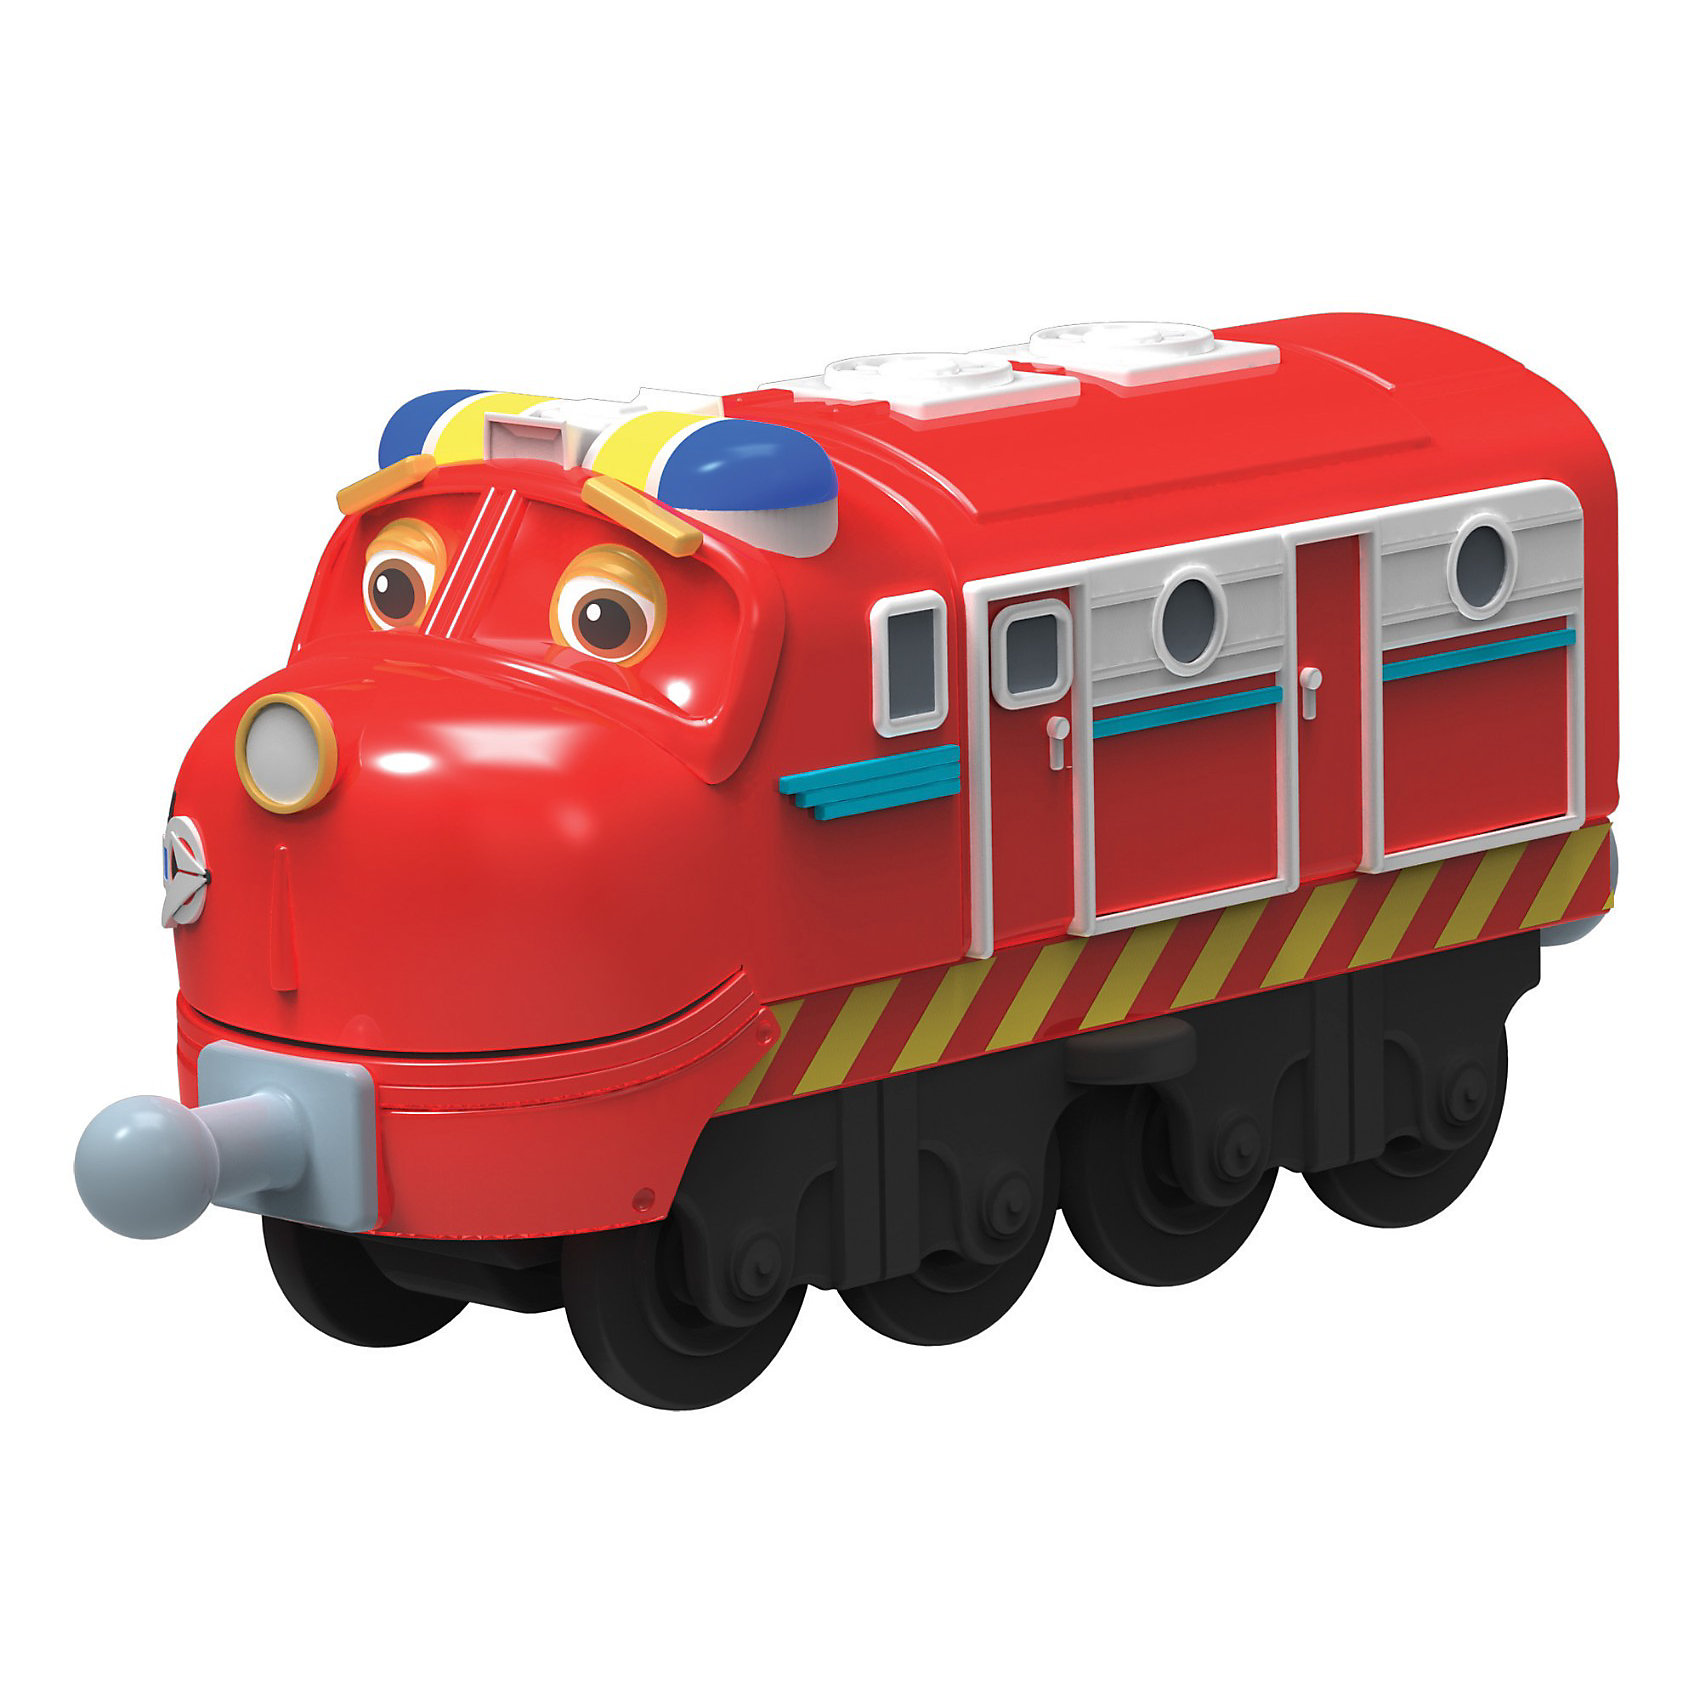 Паровозик Уилсон-патруль, ЧаггингтонИгрушечная железная дорога<br>Паровозик серии Die-Cast Уилсон-патруль Chuggington (Чаггингтон) - это яркая и веселая игрушка, созданная по мотивам мультсериала «Веселые паровозики из Чаггингтона». <br>Уилсон мечтает стать супергероем, а пока он занимается патрулированием городка Чаггингтон. Улсона-патруля видно издалека благодаря яркой раскраске и мигалкам на крыше. <br>Паровозик Уилсон–патруль Chuggington можно присоединить к другим паровозикам серии Die-Cast, оразовав длинный железнодорожный состав. <br>У паровозика литой корпус и ручное управление. <br><br>Дополнительная информация:<br><br>- Размеры паровозика: 7 х 4,5 см<br>- Колея: 2 см<br>- Размер упаковки: 14 х 38 х 16 см<br>- Материал: металл, пластик<br><br>Паровозик Уилсон-патруль, Чаггингтон можно купить в нашем магазине.<br><br>Ширина мм: 171<br>Глубина мм: 139<br>Высота мм: 30<br>Вес г: 91<br>Возраст от месяцев: 36<br>Возраст до месяцев: 60<br>Пол: Мужской<br>Возраст: Детский<br>SKU: 3232701